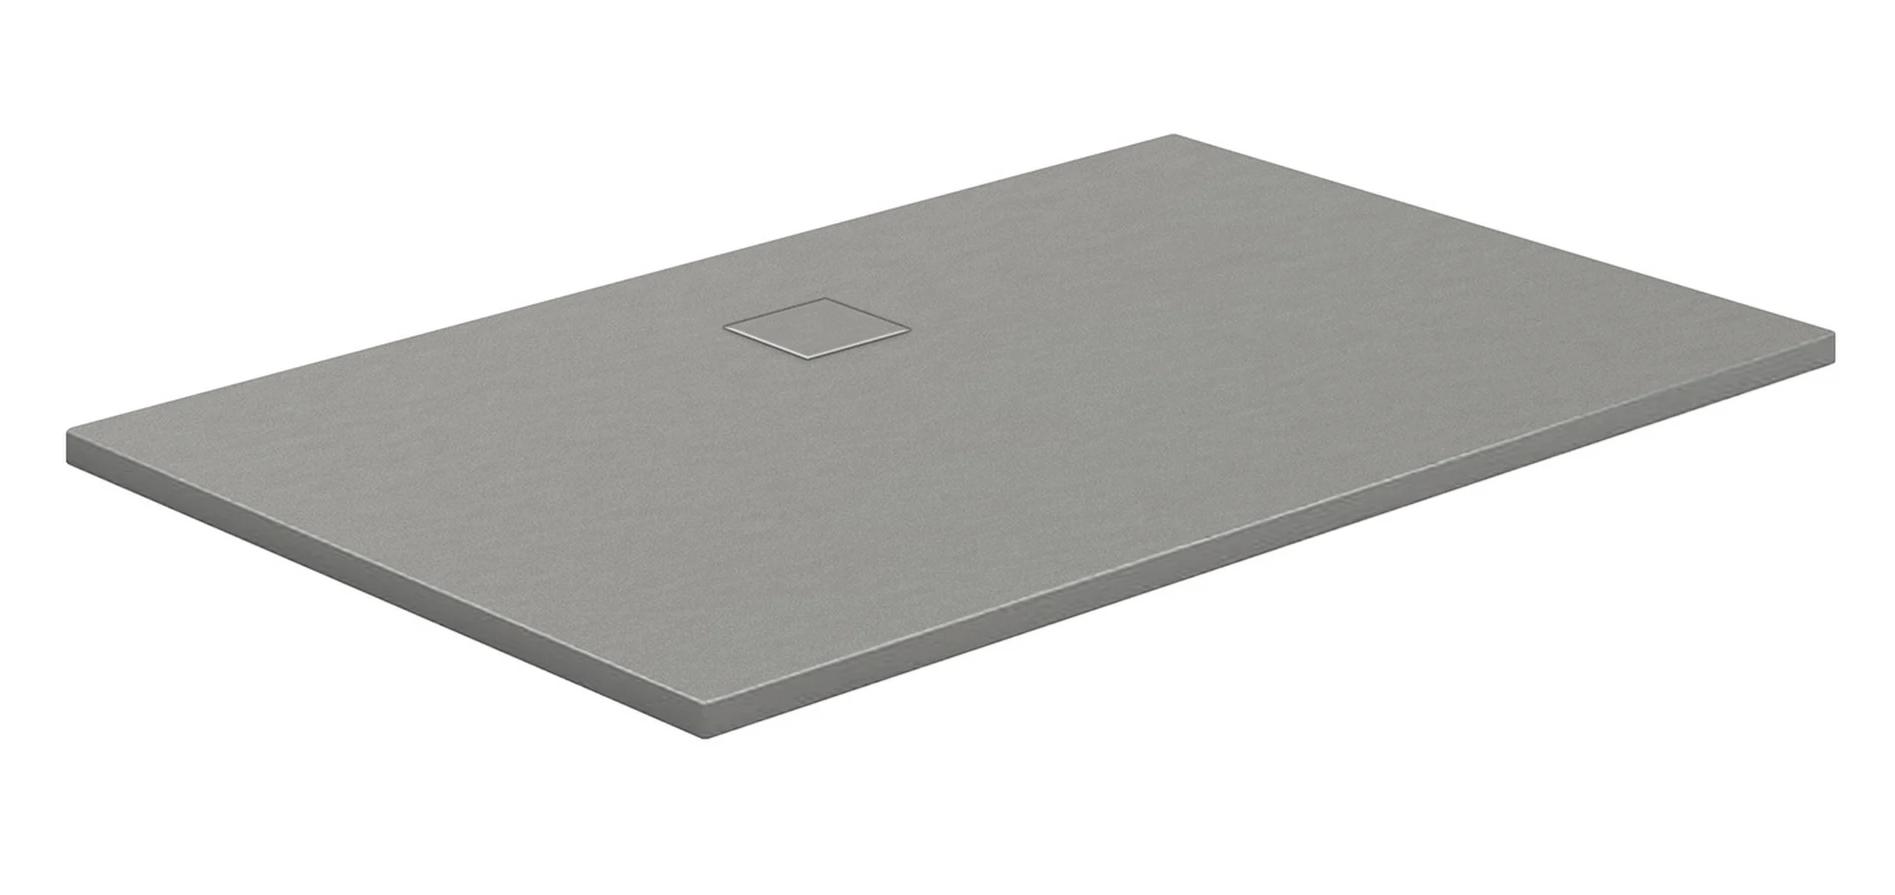 HSK Marmor-Polymer-Duschwannen, Steinoptik - Rechteck 90x140 Steingrau ohne AntiSlip-Beschichtigung